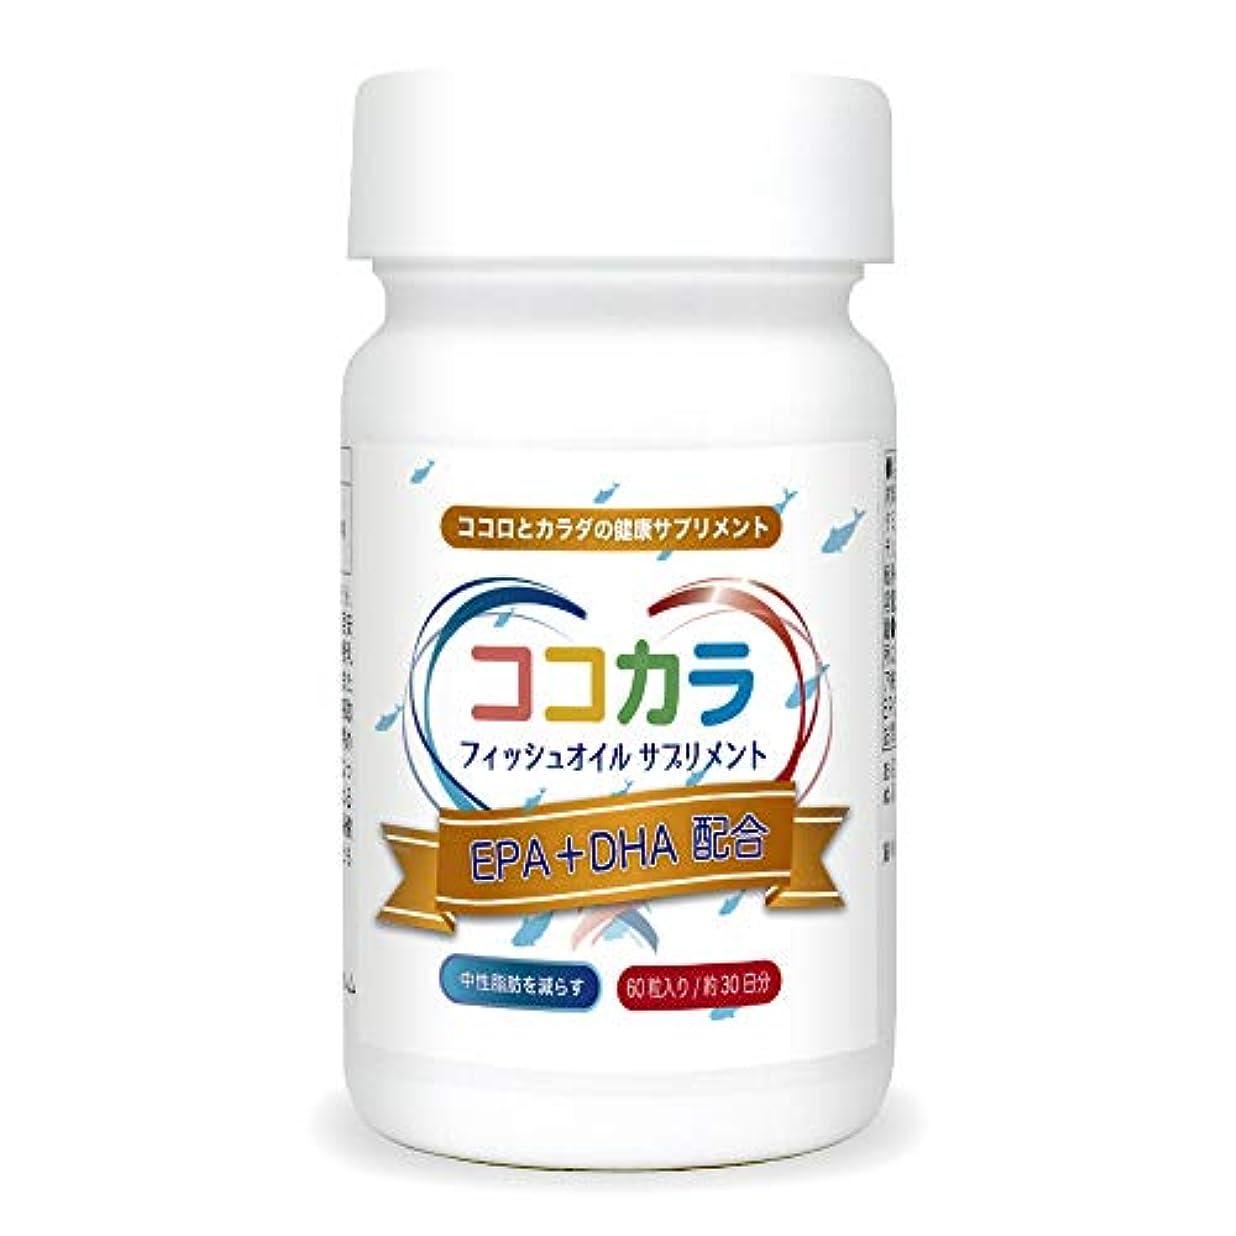 マインドわずかに飢えたEPA&DHA配合 ココカラサプリ バイオメガ3 フィッシュオイル 中性脂肪対策(60カプセル1ヶ月分) (1)